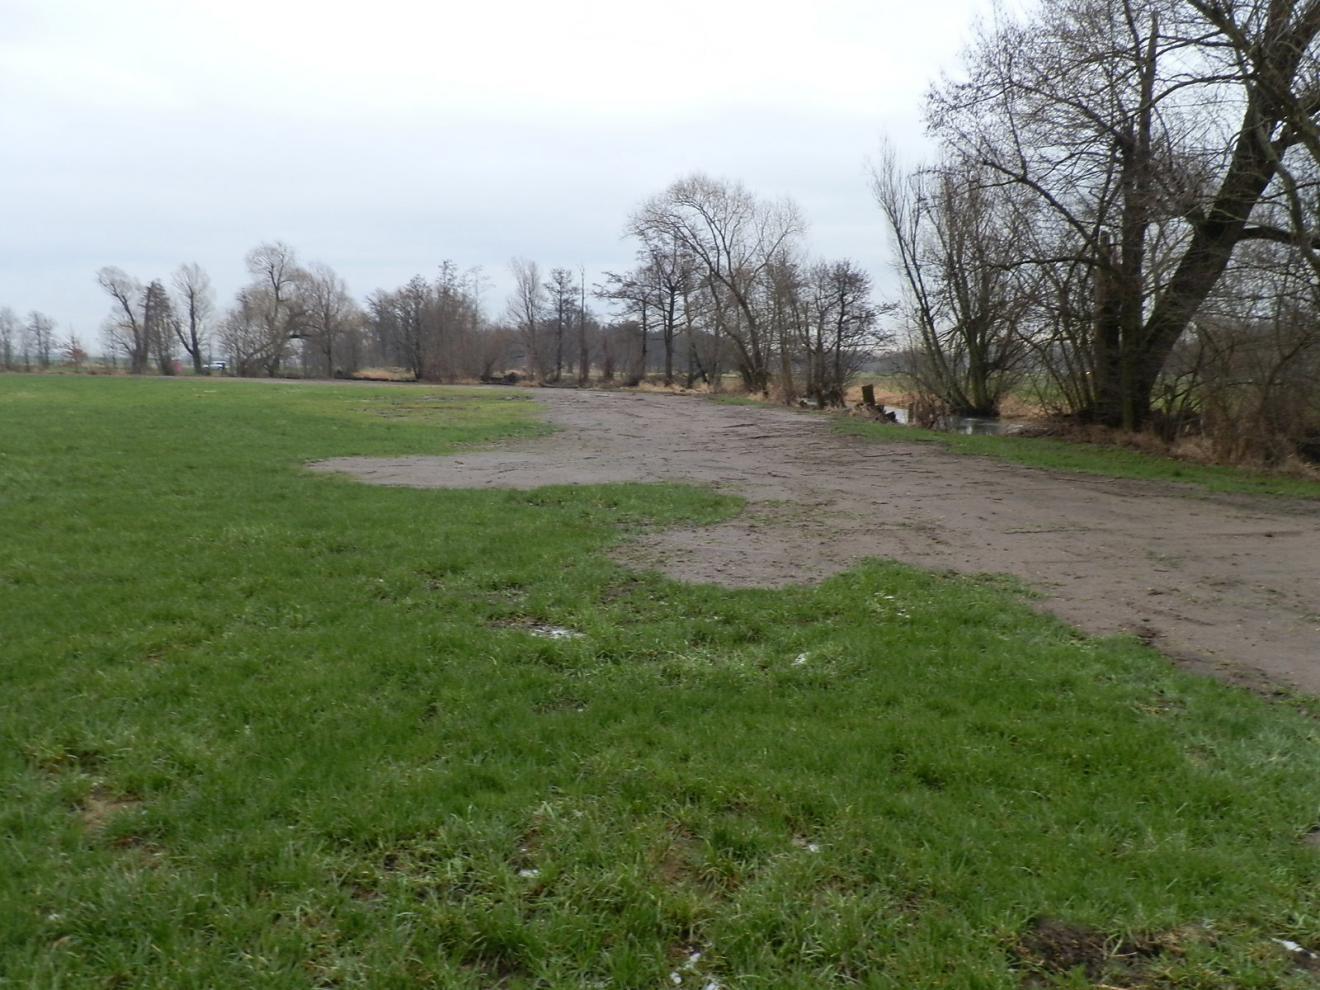 Deichsanierungsmaßnahmen nach Hochwasser 09/2010 im Rödergebiet aufgrund Gefahr in Verzug bei neuerlichem Hochwasser Große Röder - Abschnitt GRR 5 - Sohlgestaltung Altwasser Große Röder